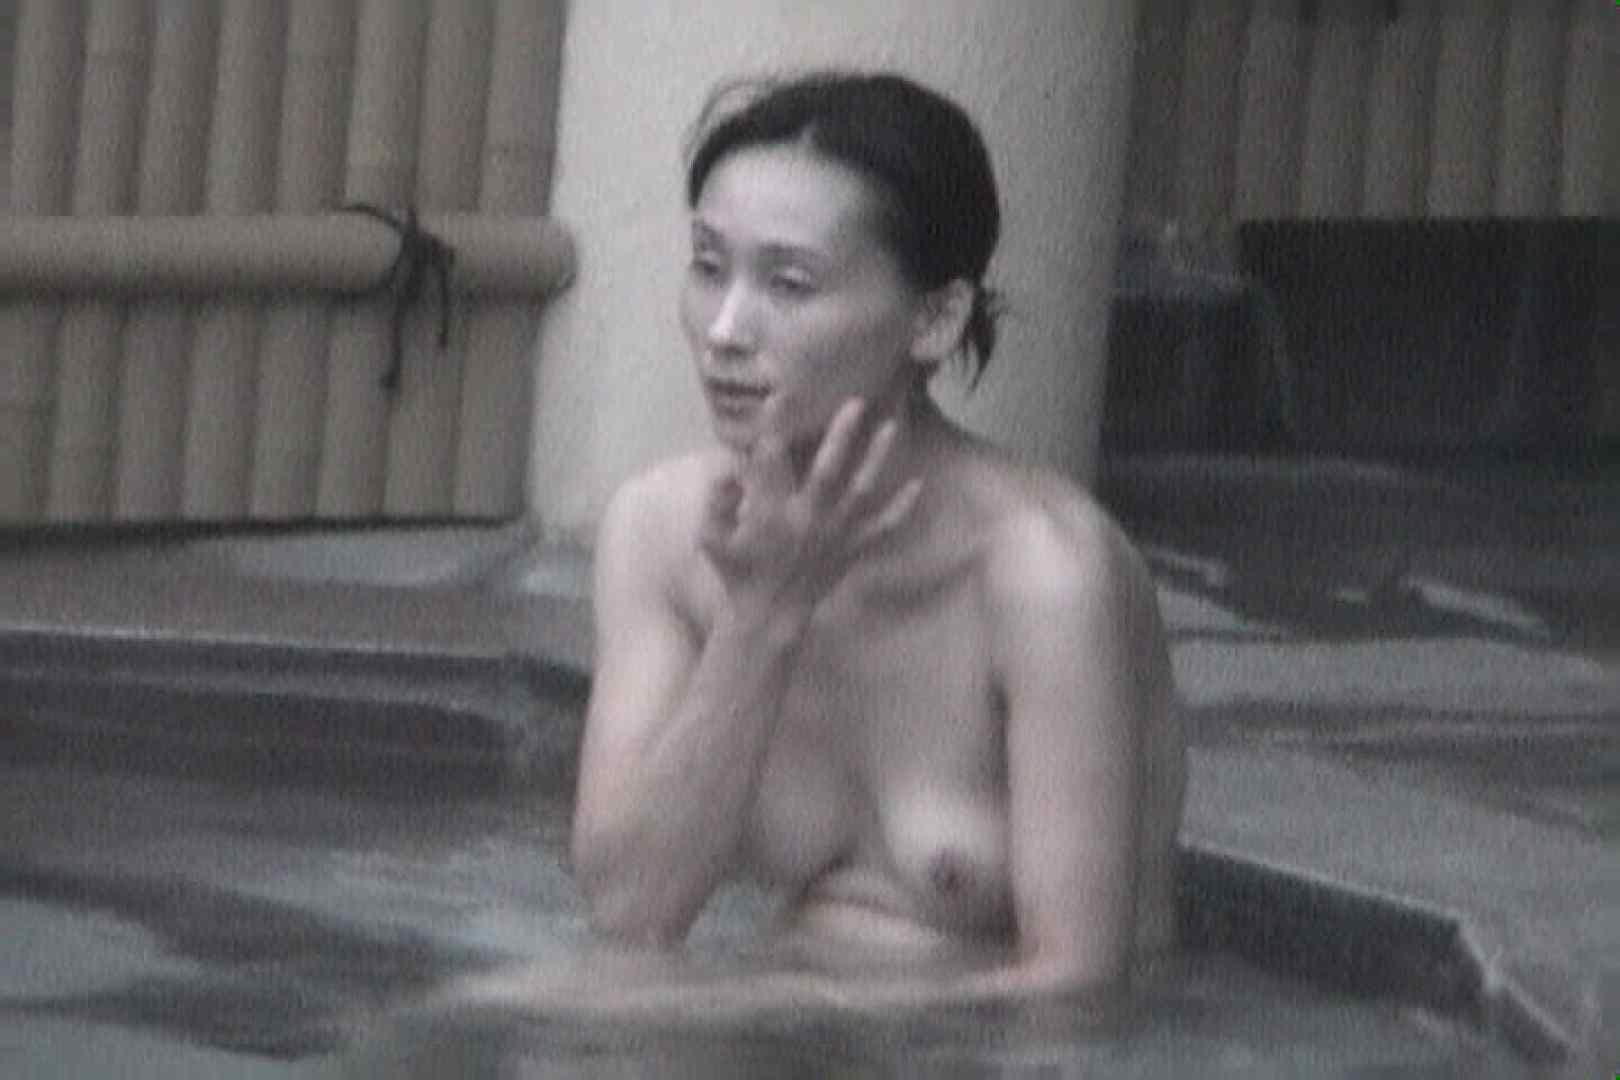 Aquaな露天風呂Vol.557 綺麗なOLたち | 盗撮  78枚 73